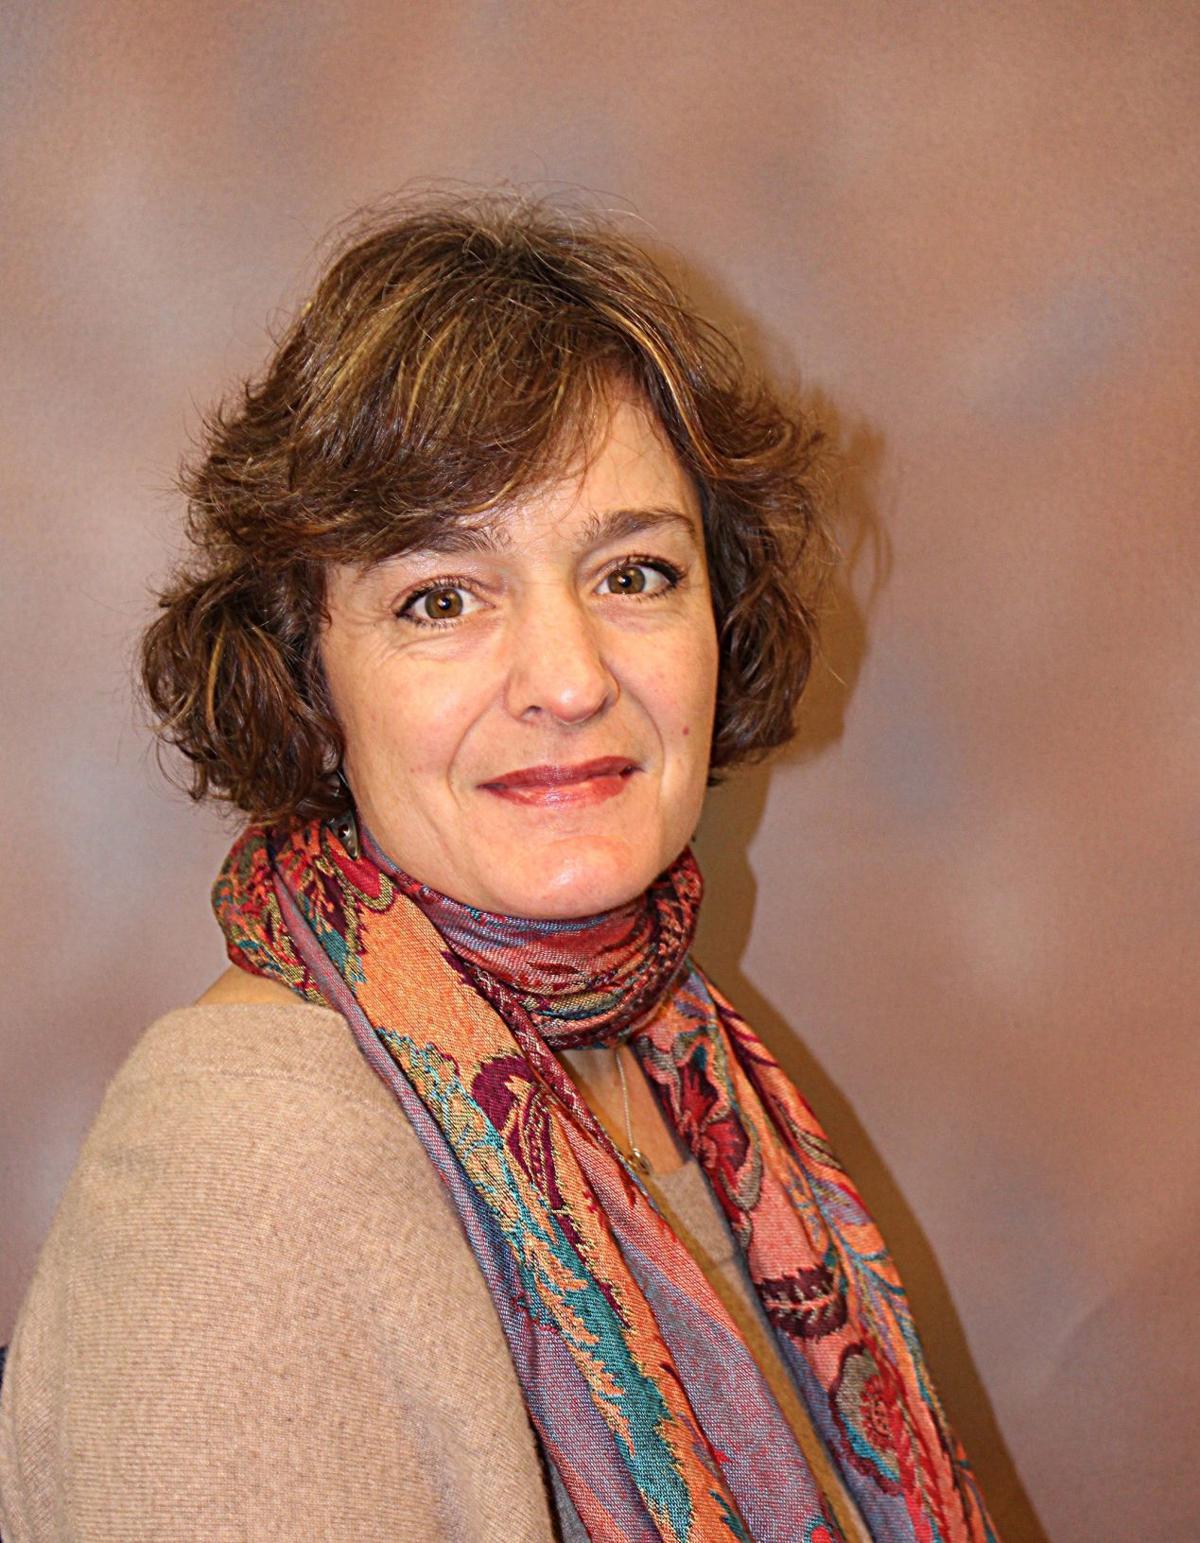 Gail Rappa